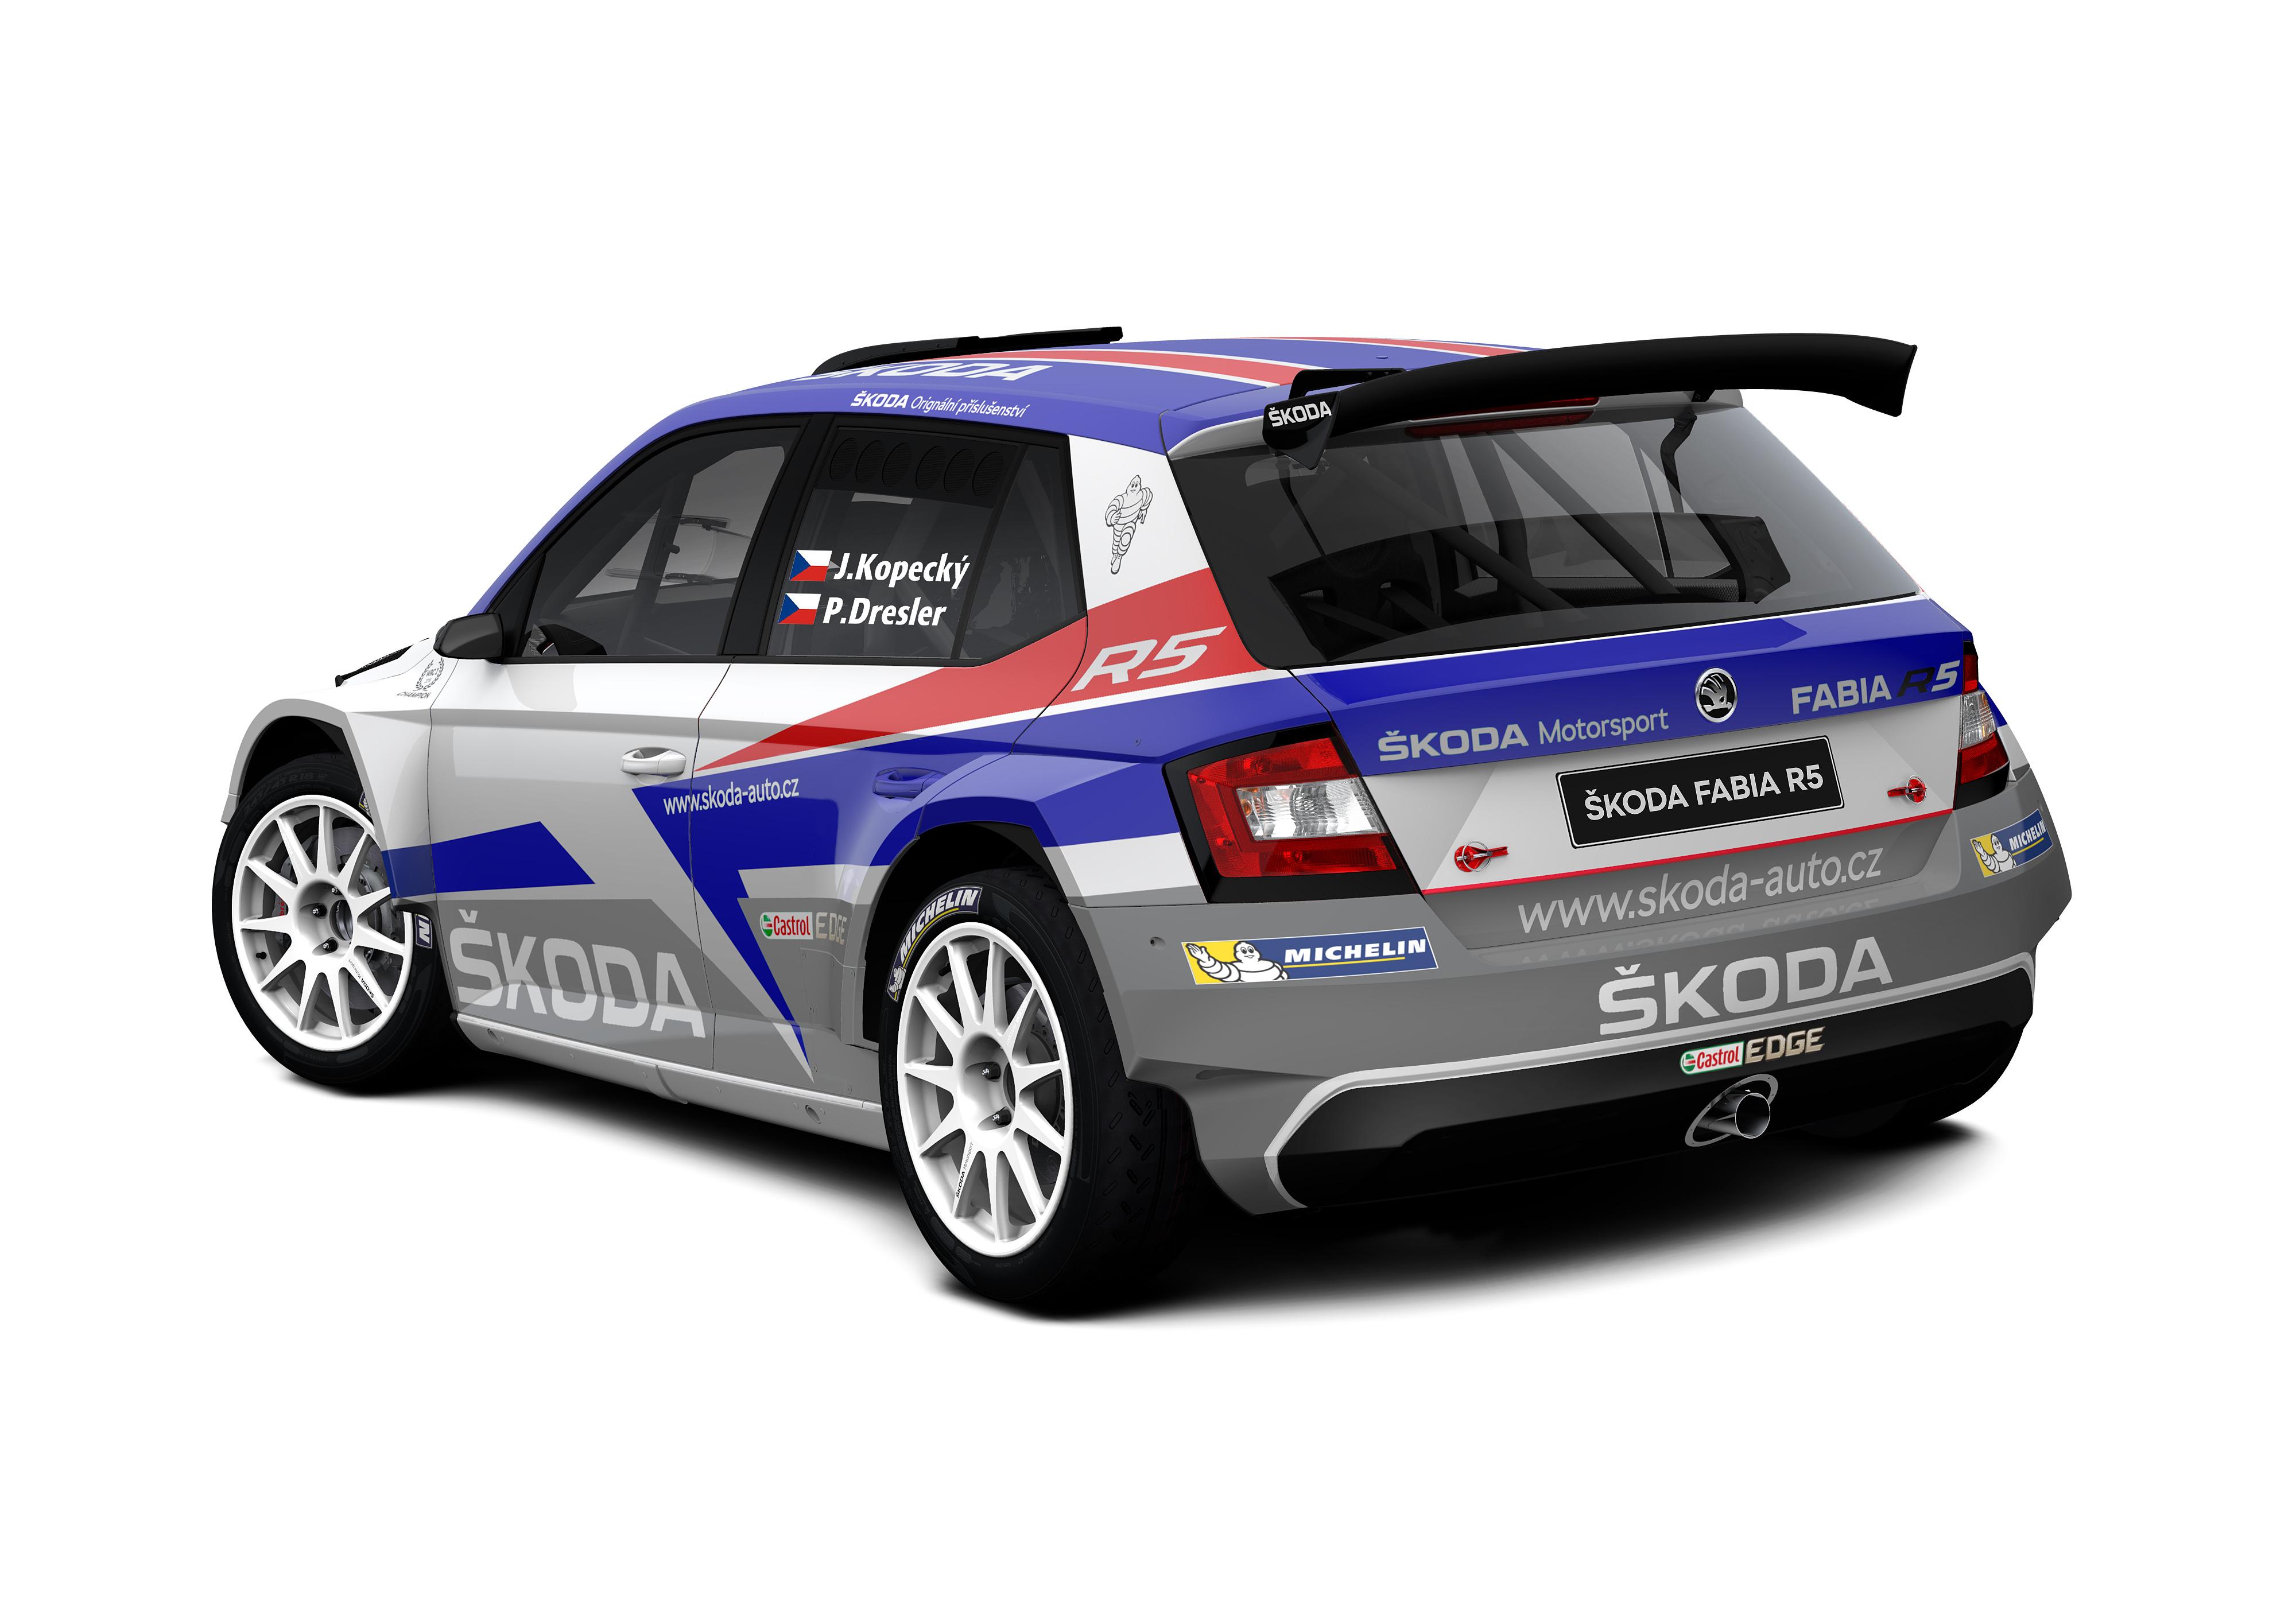 Three ŠKODA Motorsport Crews At Rally Monte Carlo Jan Kopecký - Car rally near me